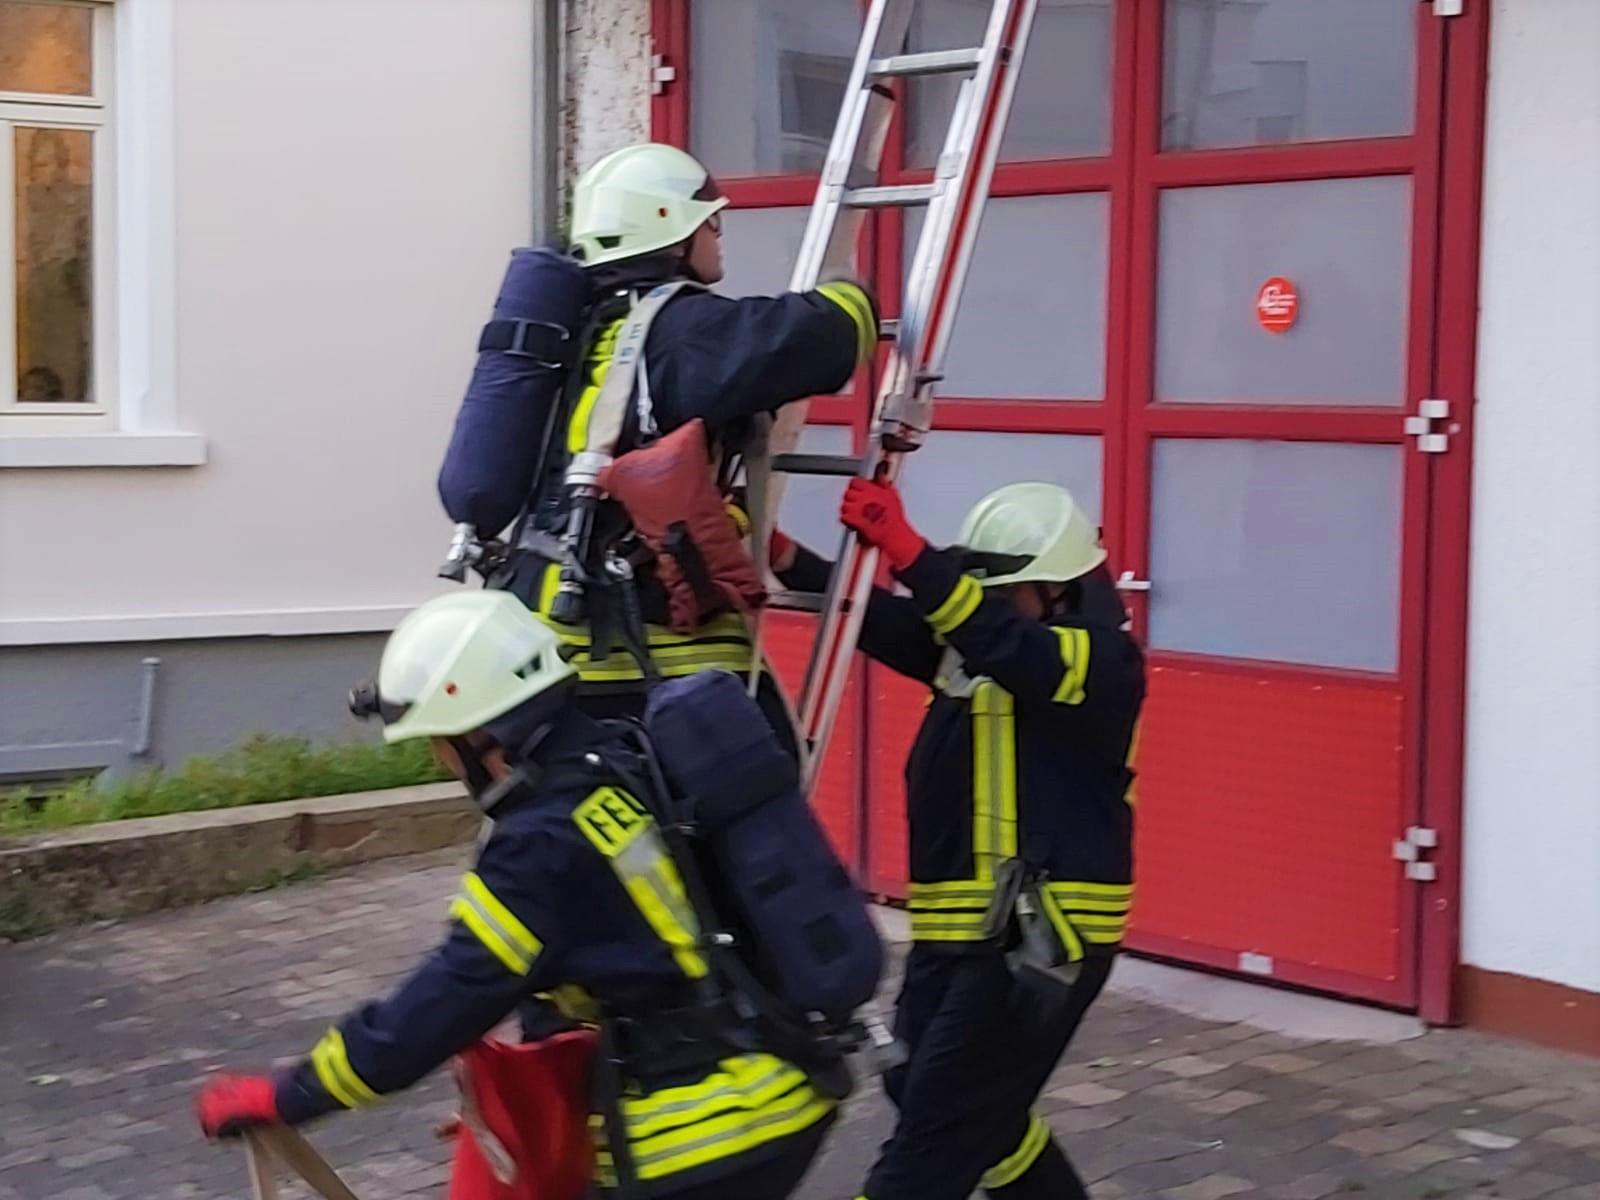 Wichtig: beim besteigen sichert immer ein Kollege gegen das Wegrutschen der Leiter!